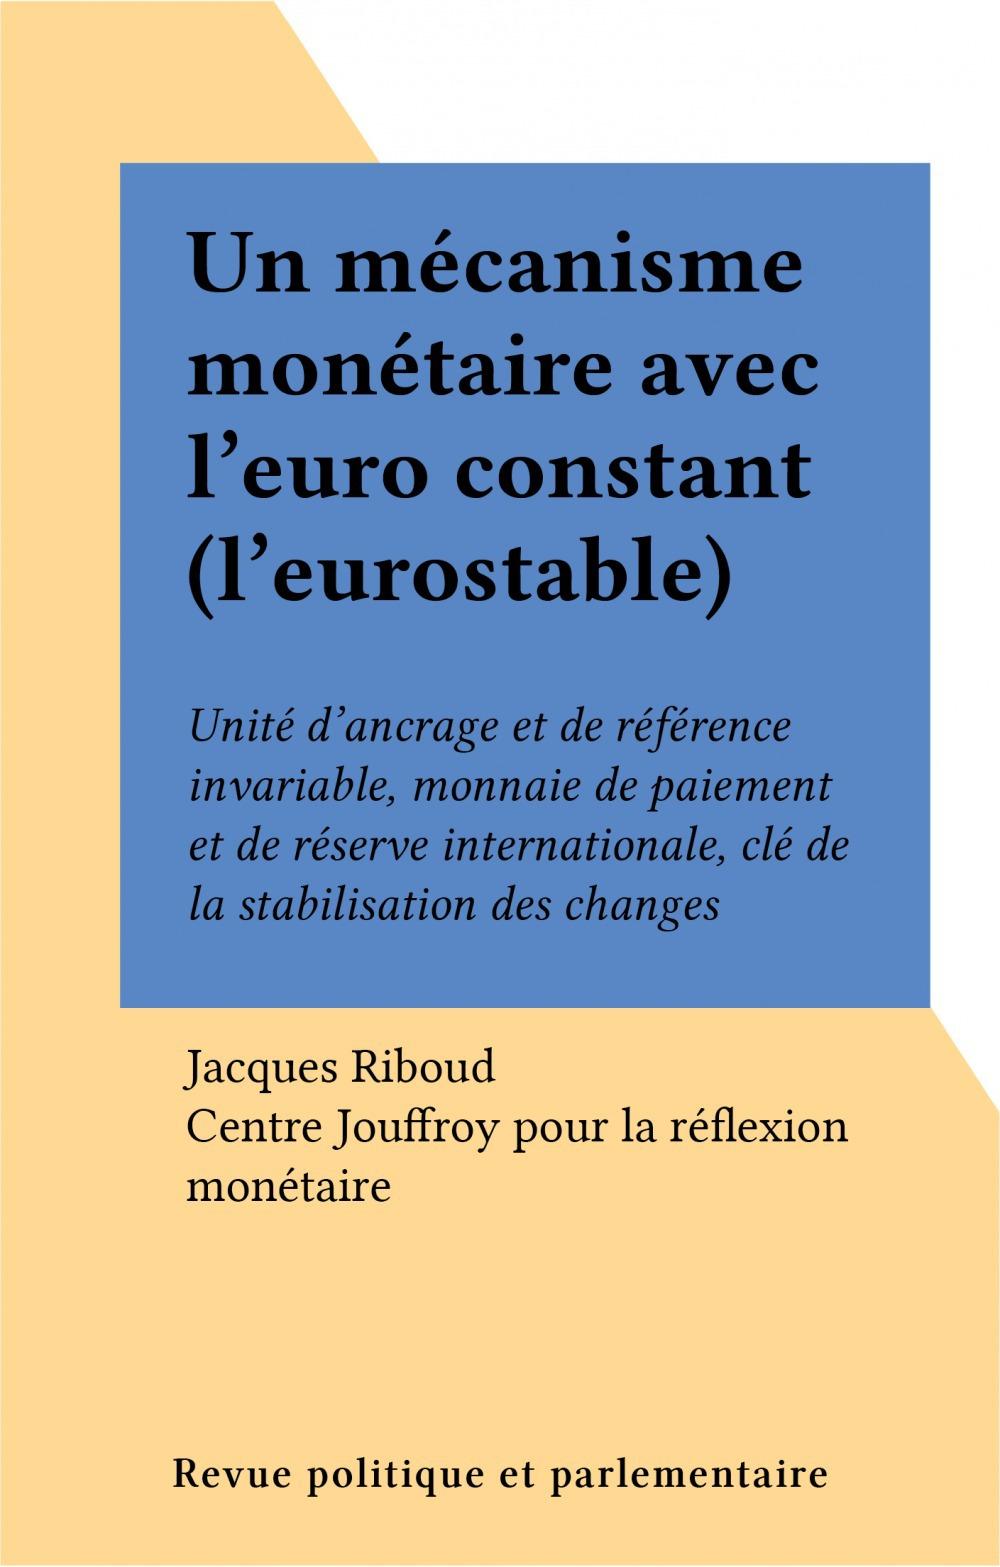 Un mécanisme monétaire avec l'euro constant (l'eurostable)